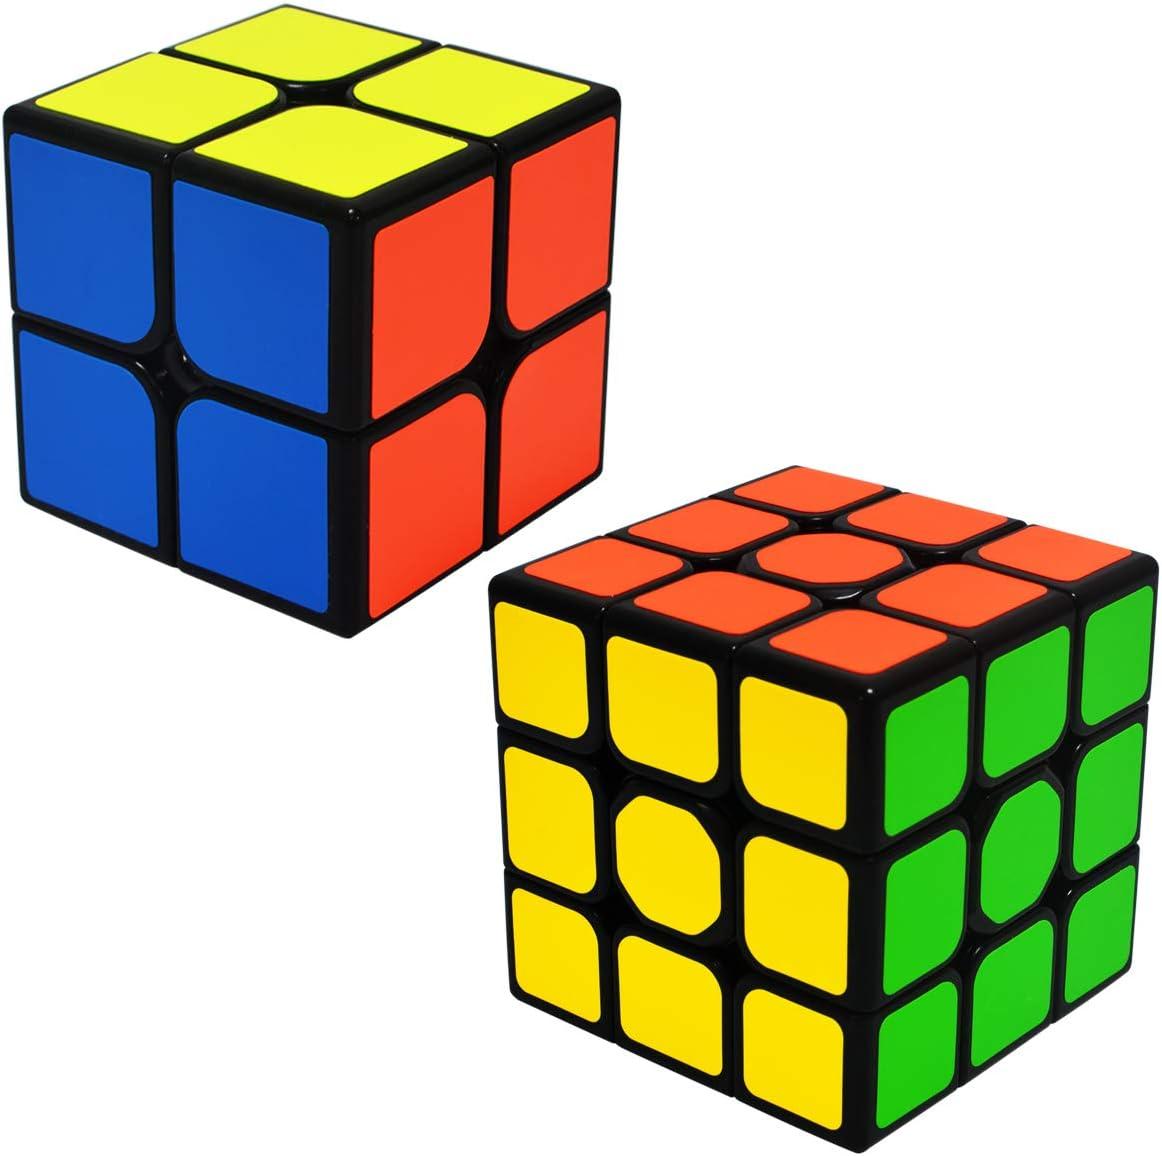 EASEHOME Speed Magic Cube Set 2x2x2 + 3x3x3, 2 Pack Puzzle Cubes Rompecabezas Cubo Mágico PVC Pegatina para Niños y Adultos: Amazon.es: Juguetes y juegos